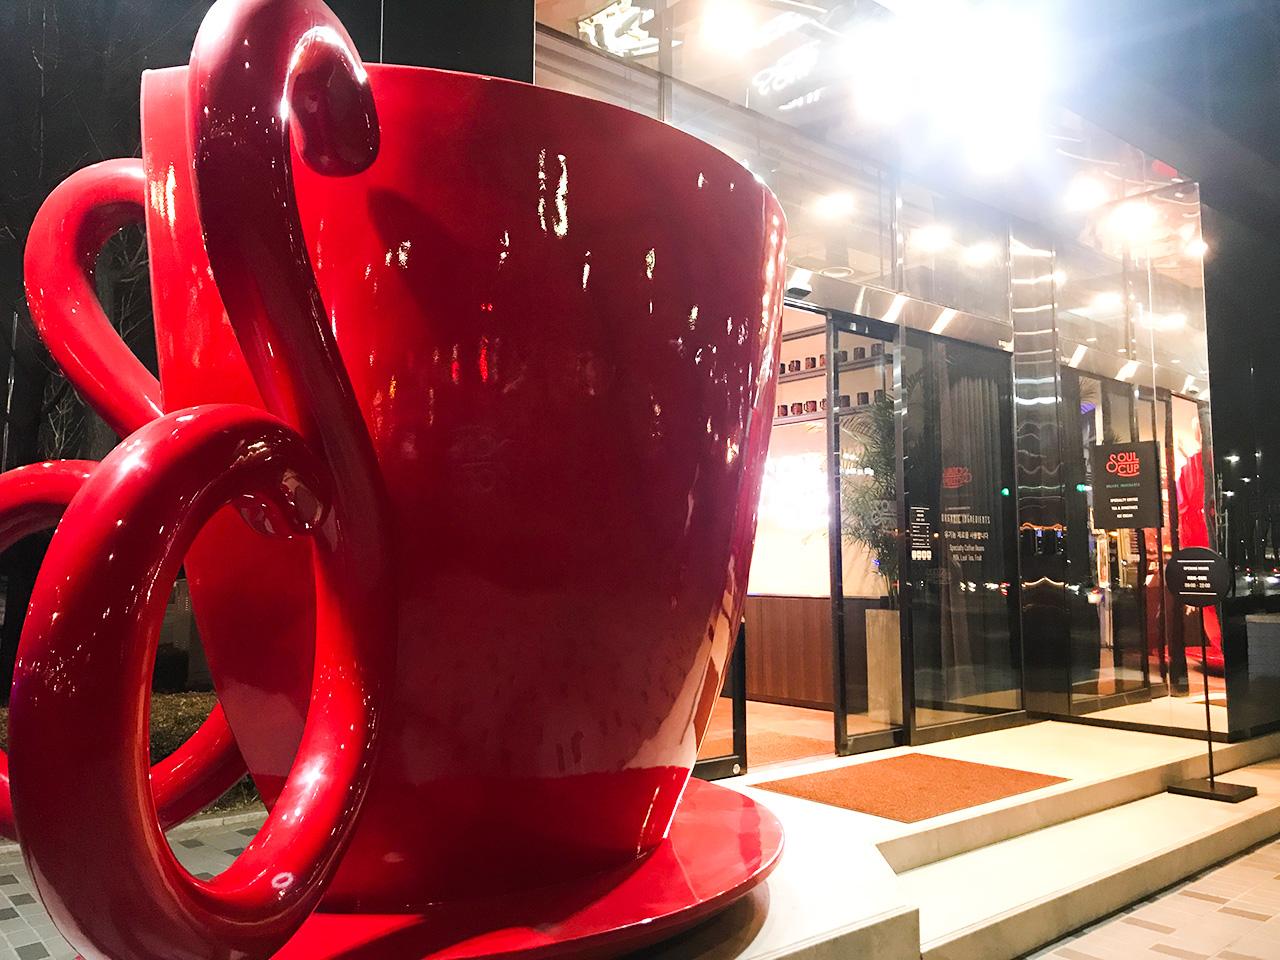 SOUL CUP名物の赤いカップ